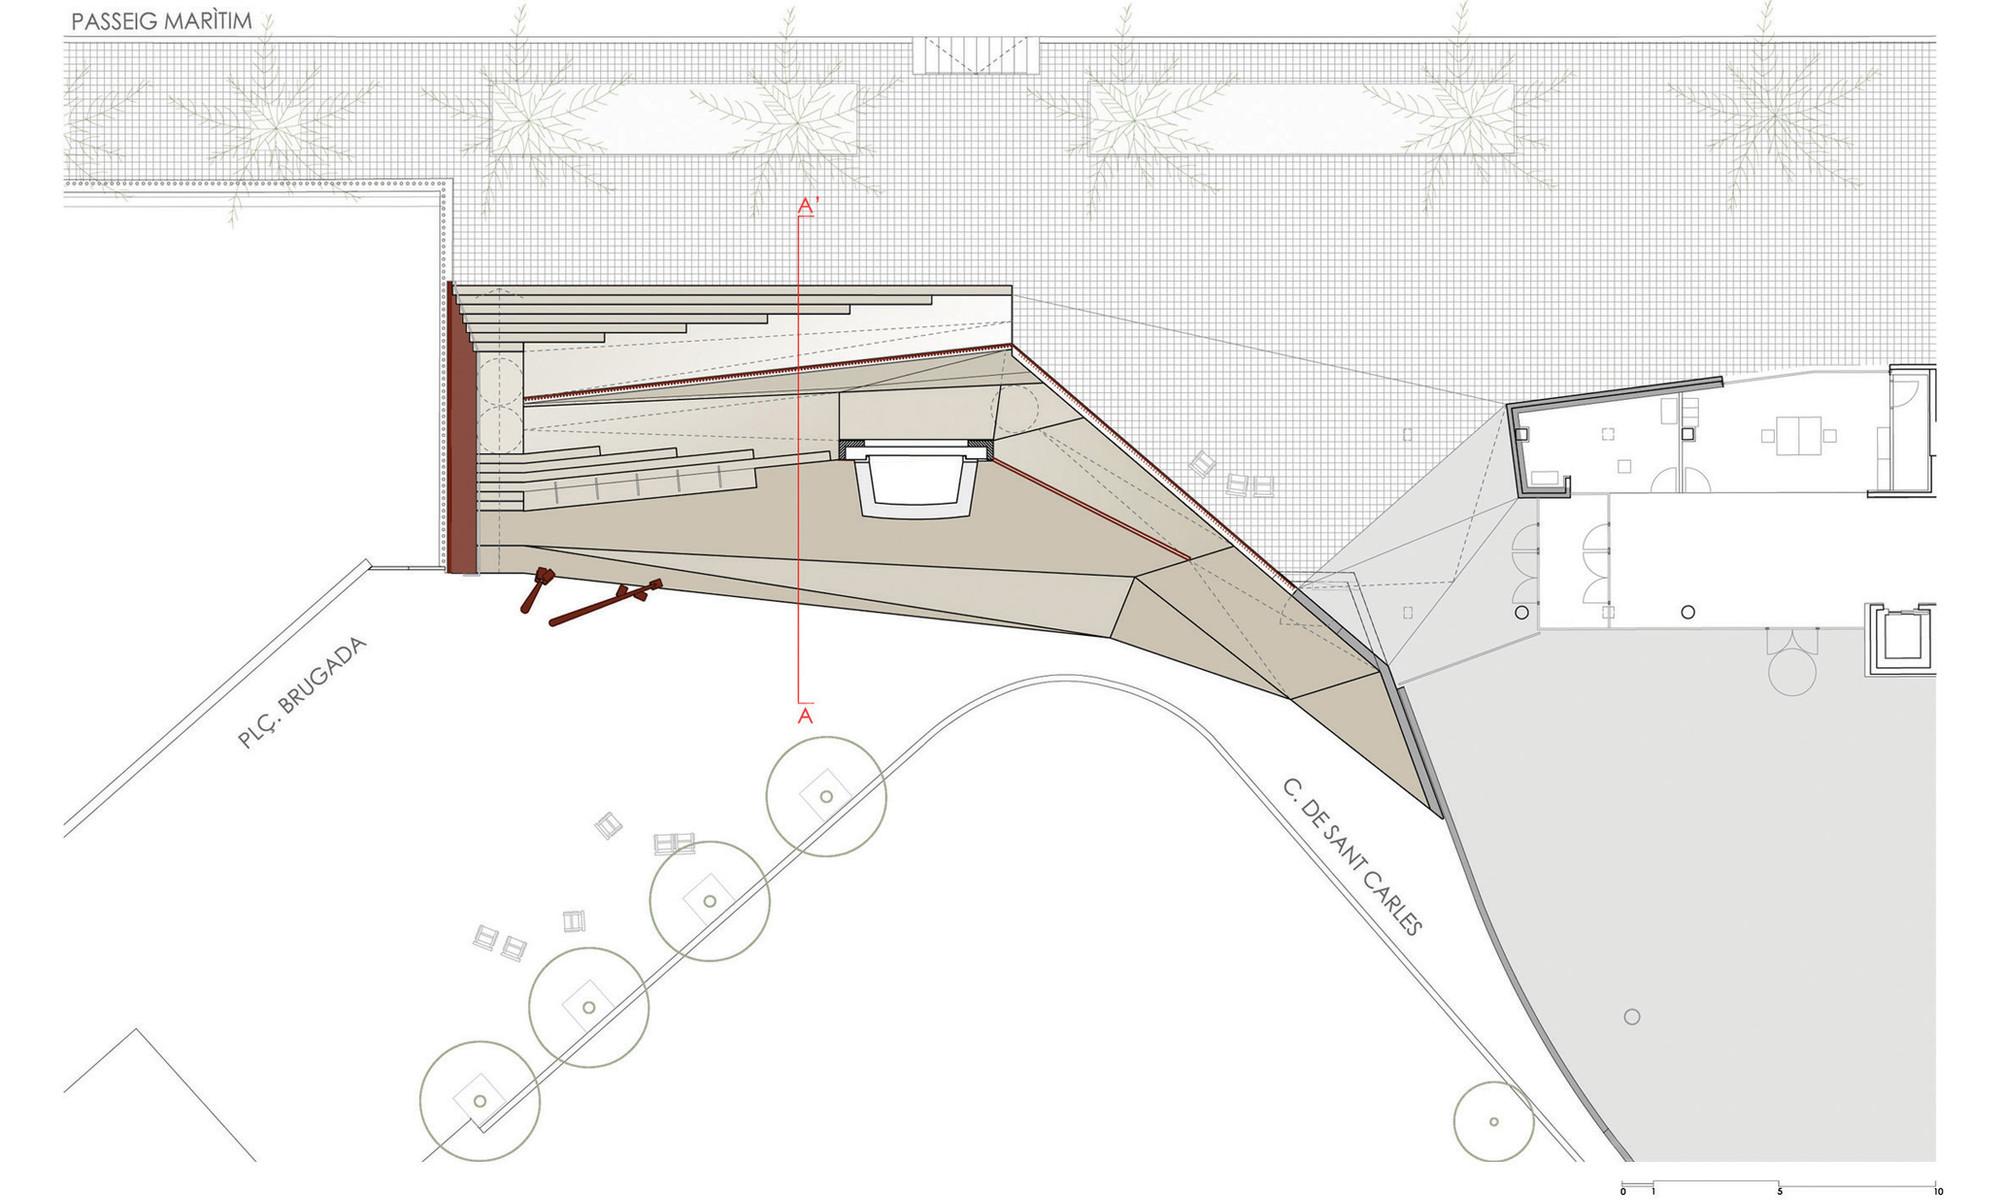 Paisaje y Arquitectura: Recuperación Fuente Carmen Amaya por Lola Domènech